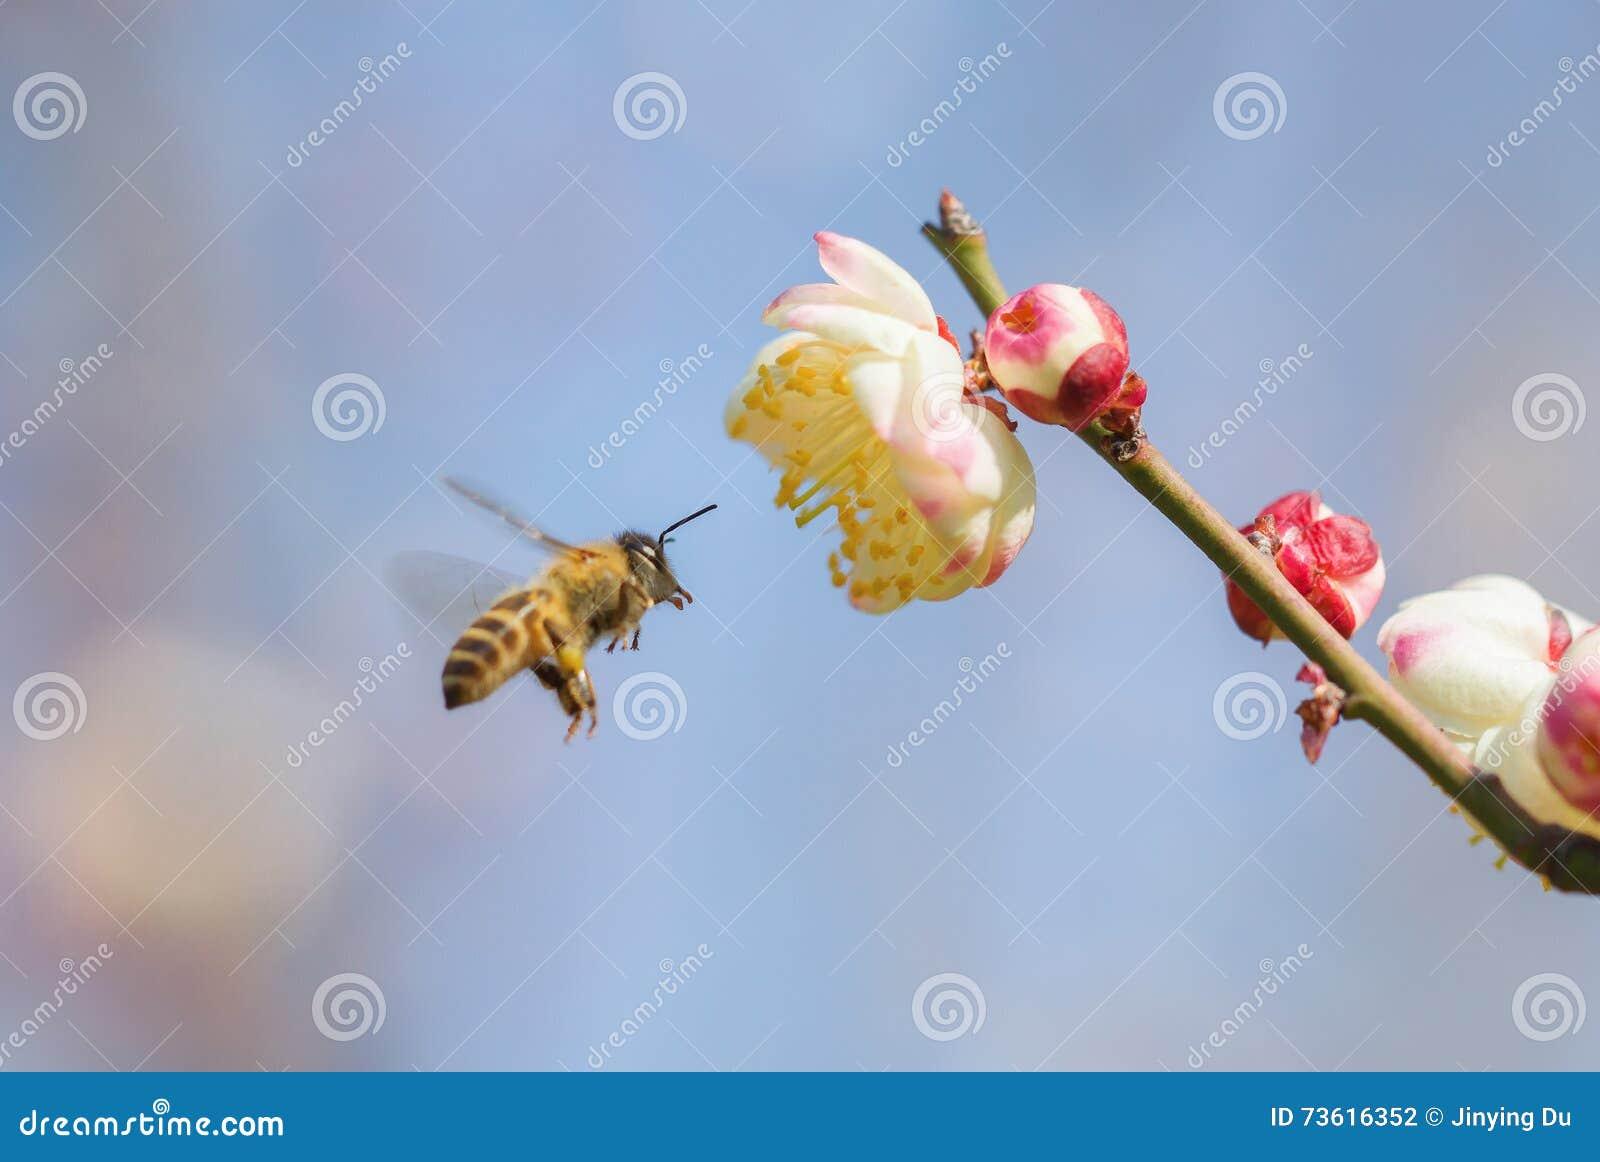 Abeja del vuelo y flor del melocotón